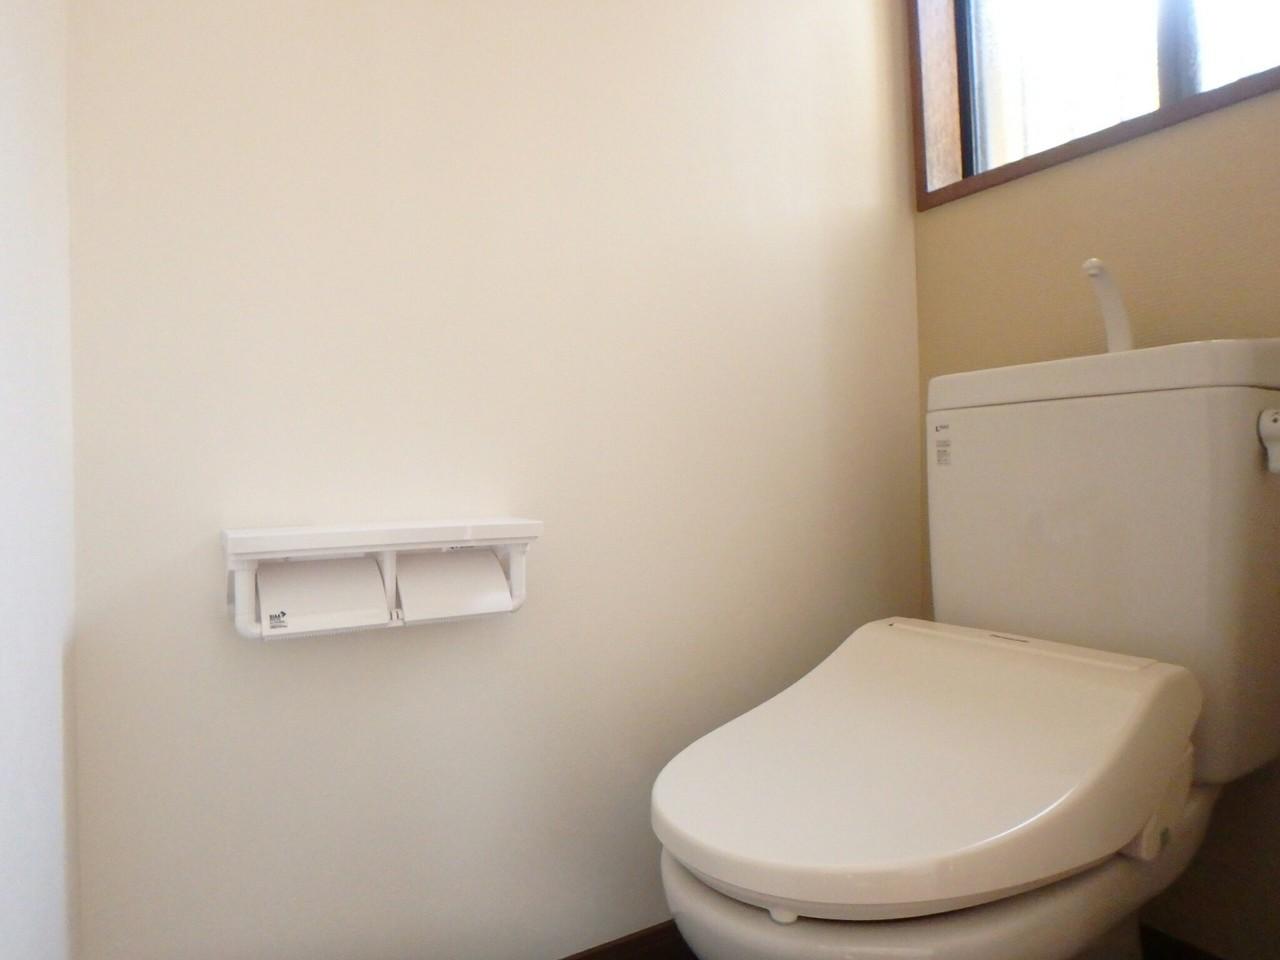 リフォームで、トイレも新品です。 新生活を気持ちよくスタートできそうです。